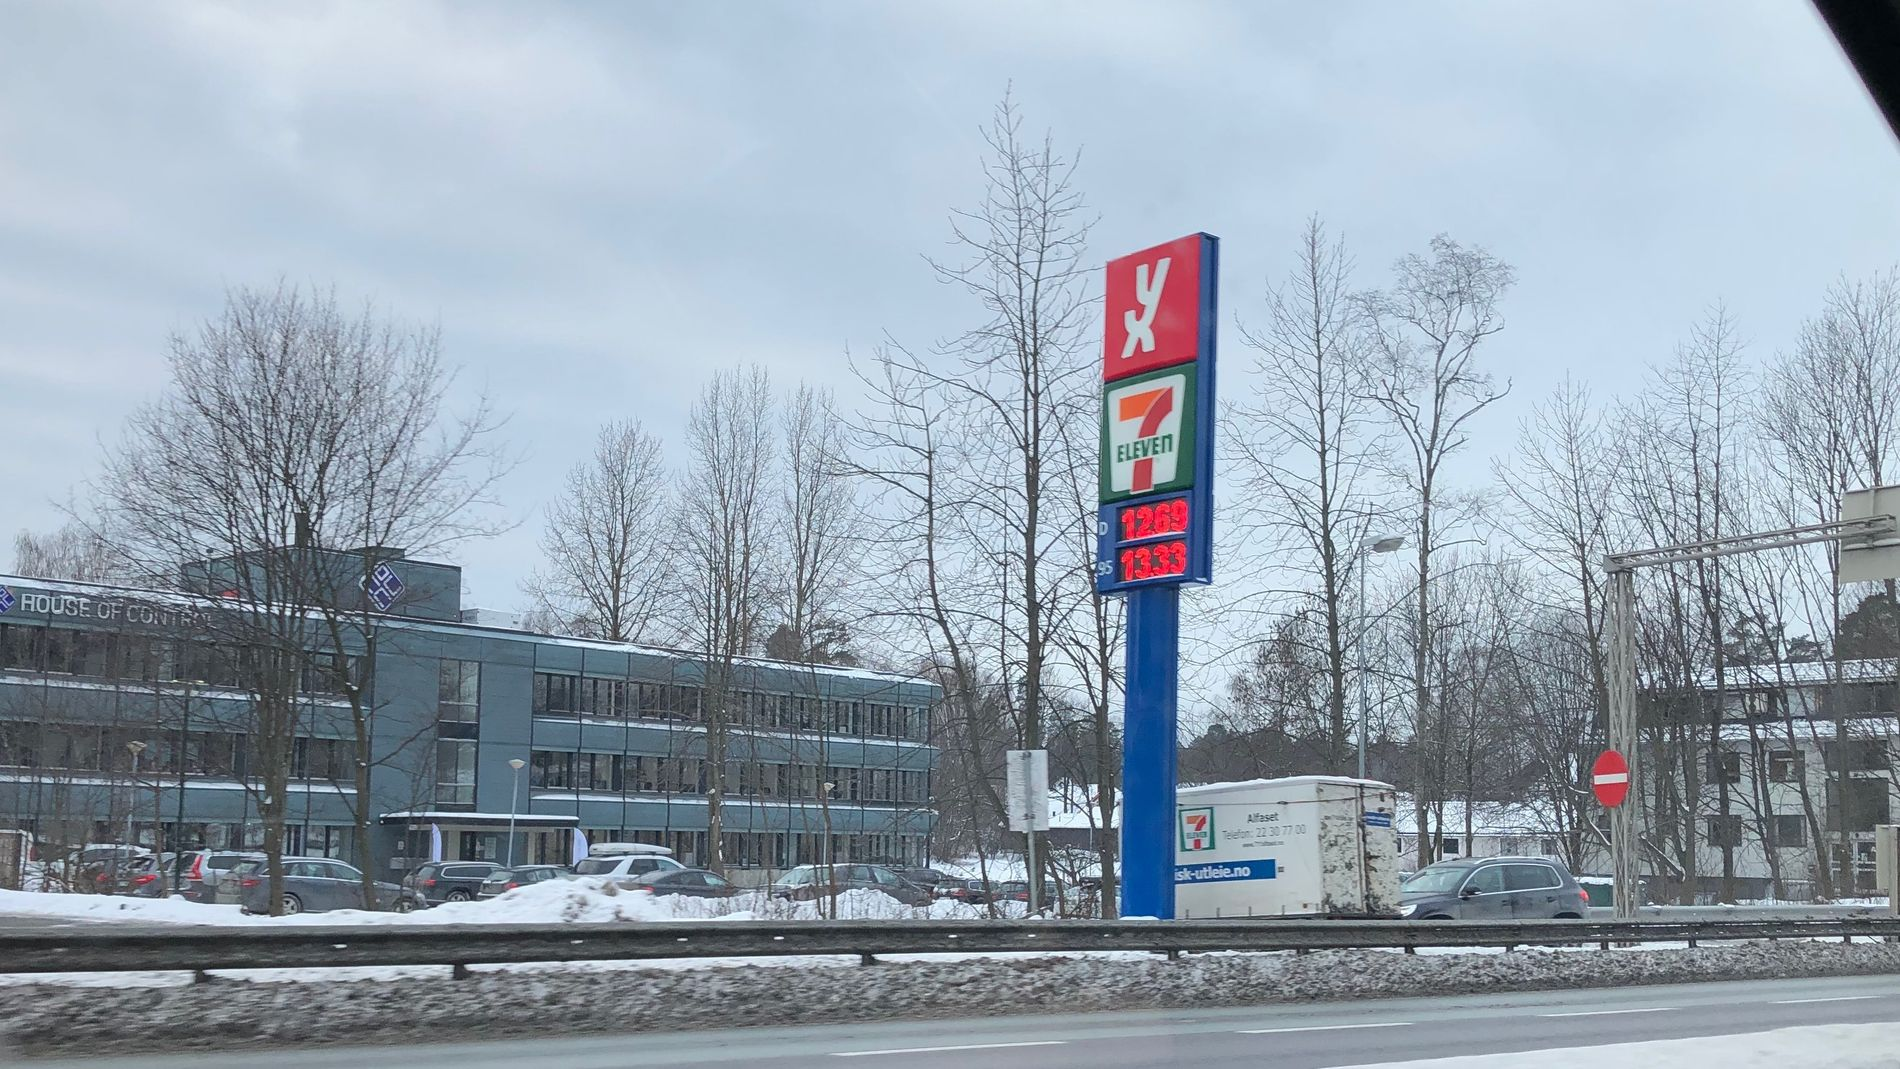 13-TALLET: Ved denne bensinstasjon på Høvik var bensinprisen nede på 13 kroner literen torsdag morgen.